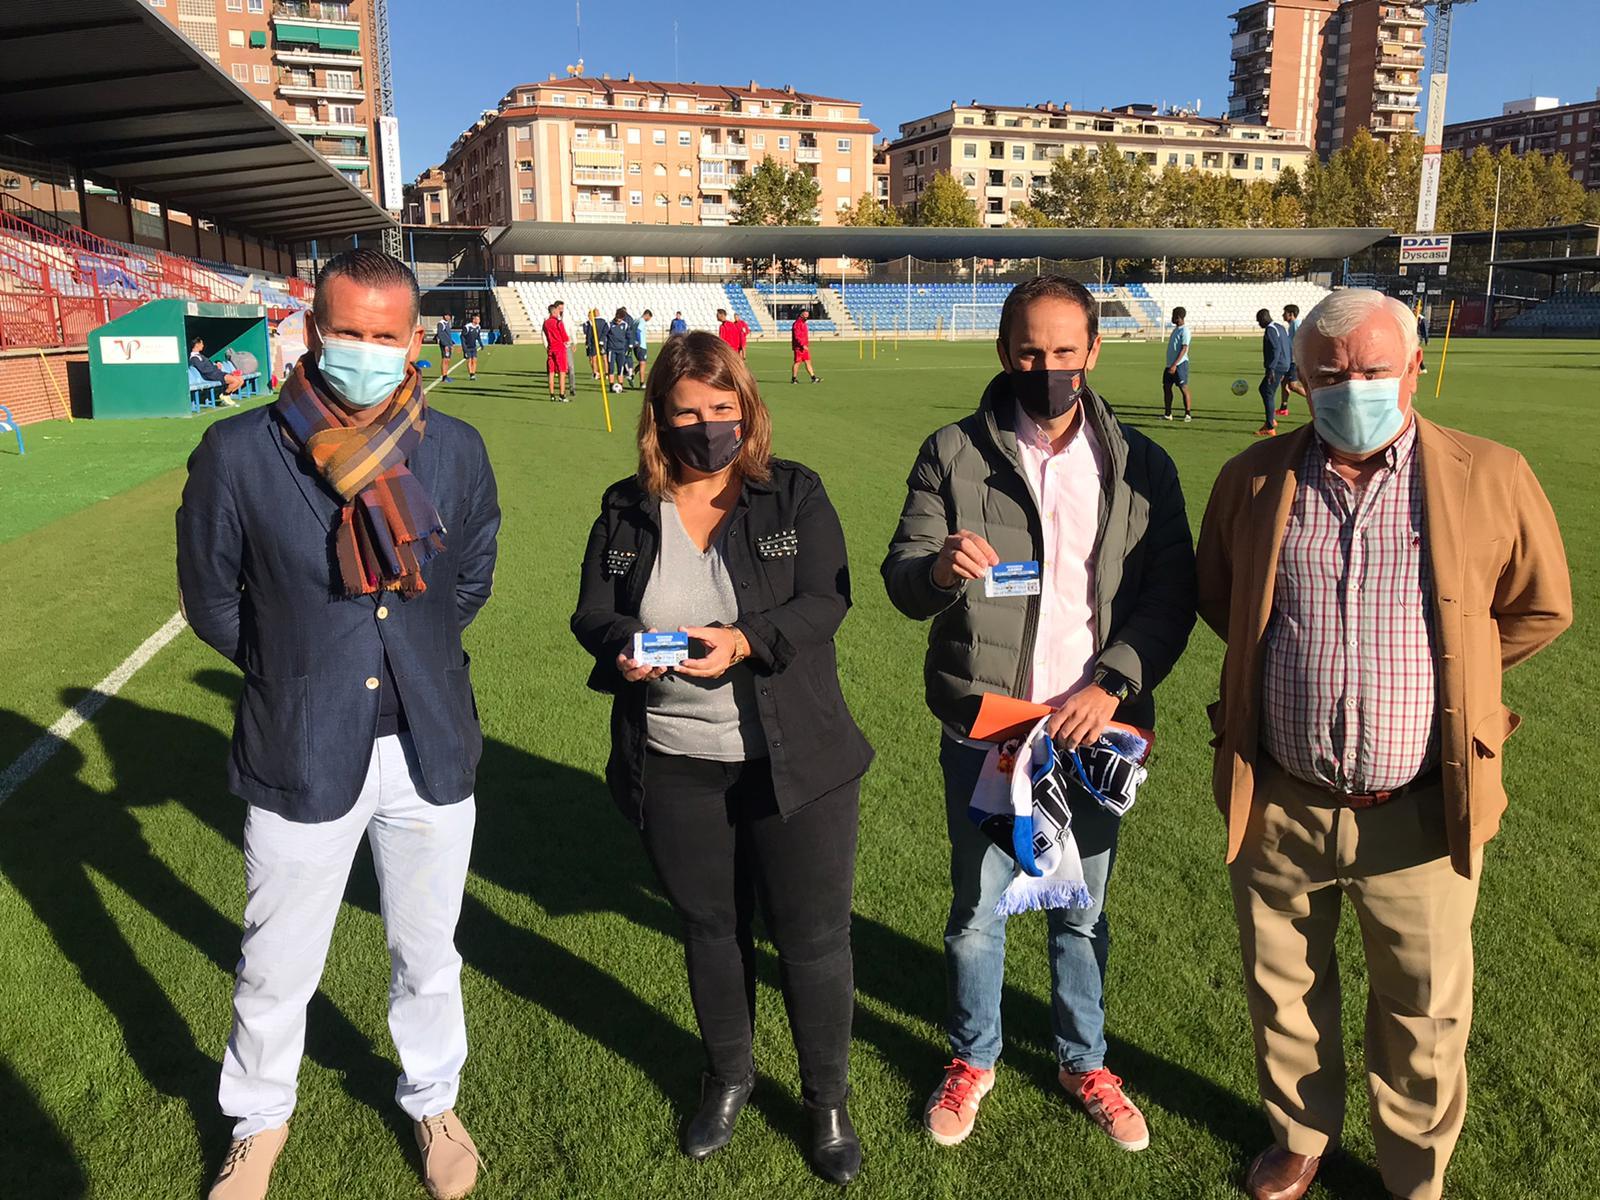 La alcaldesa y el concejal de Deporte en Igualdad adquieren sus carnés de socios para arropar al CF Talavera en la presente temporada